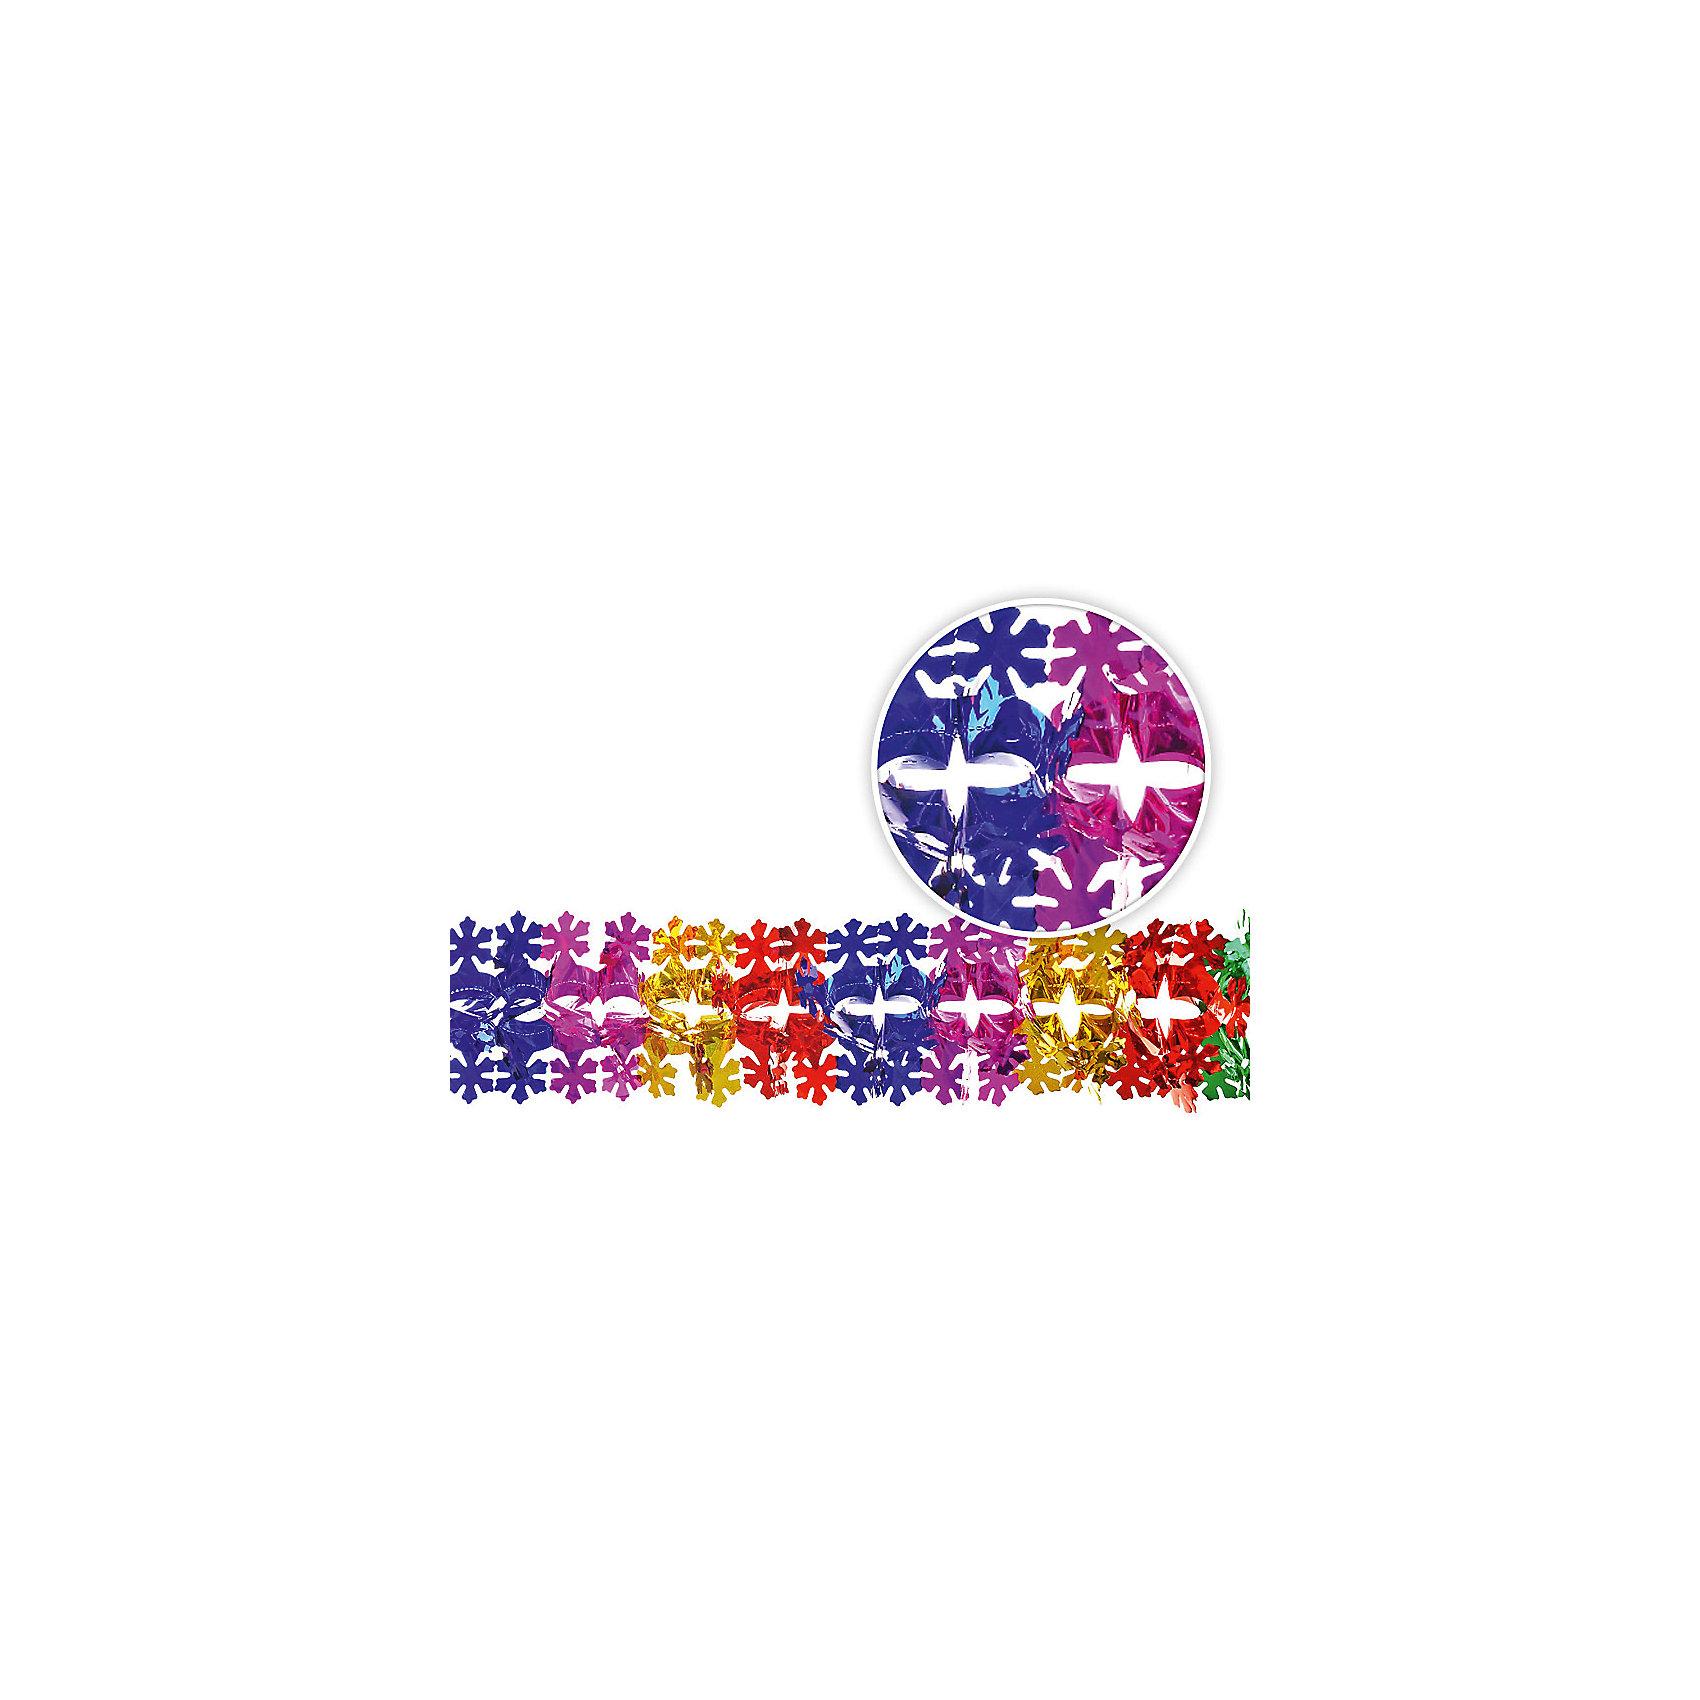 Растяжка СнежинкиНовинки Новый Год<br>Растяжка Снежинки подойдет для декорирования любых помещения и витрин, поможет создать атмосферу праздника. Яркая фольгированная гирлянда хорошо сочетается с различными новогодними аксессуарами.  <br><br>Дополнительная информация:<br><br>- Материал: фольгированная бумага.<br>- Размер: d -15 см.<br><br>Растяжку Снежинки можно купить в нашем магазине.<br><br>Ширина мм: 150<br>Глубина мм: 150<br>Высота мм: 30<br>Вес г: 100<br>Возраст от месяцев: 36<br>Возраст до месяцев: 2147483647<br>Пол: Унисекс<br>Возраст: Детский<br>SKU: 4293024